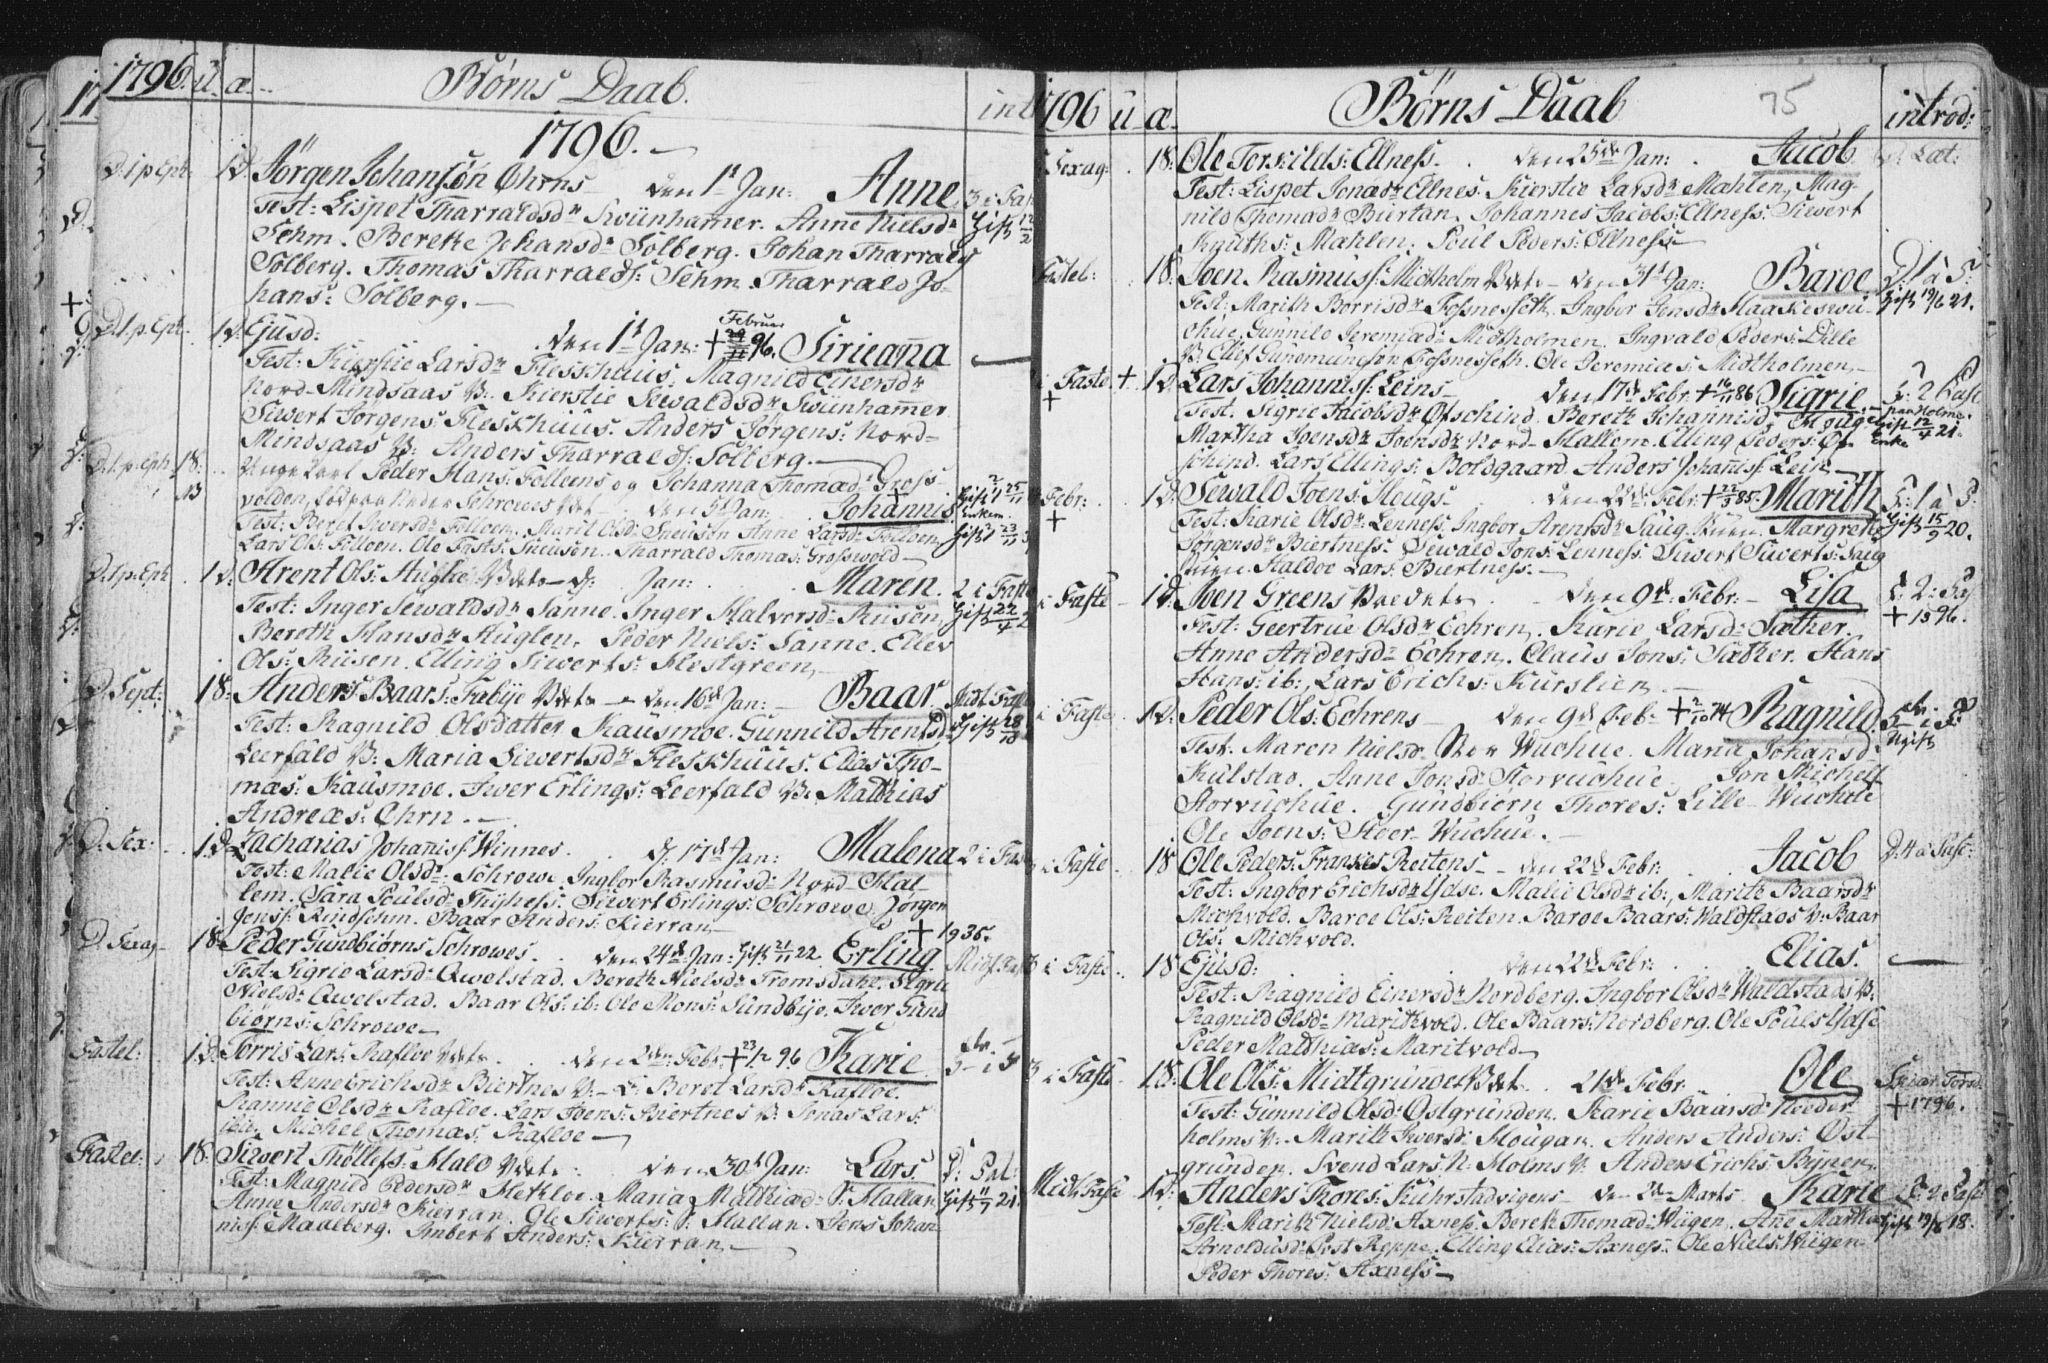 SAT, Ministerialprotokoller, klokkerbøker og fødselsregistre - Nord-Trøndelag, 723/L0232: Ministerialbok nr. 723A03, 1781-1804, s. 75